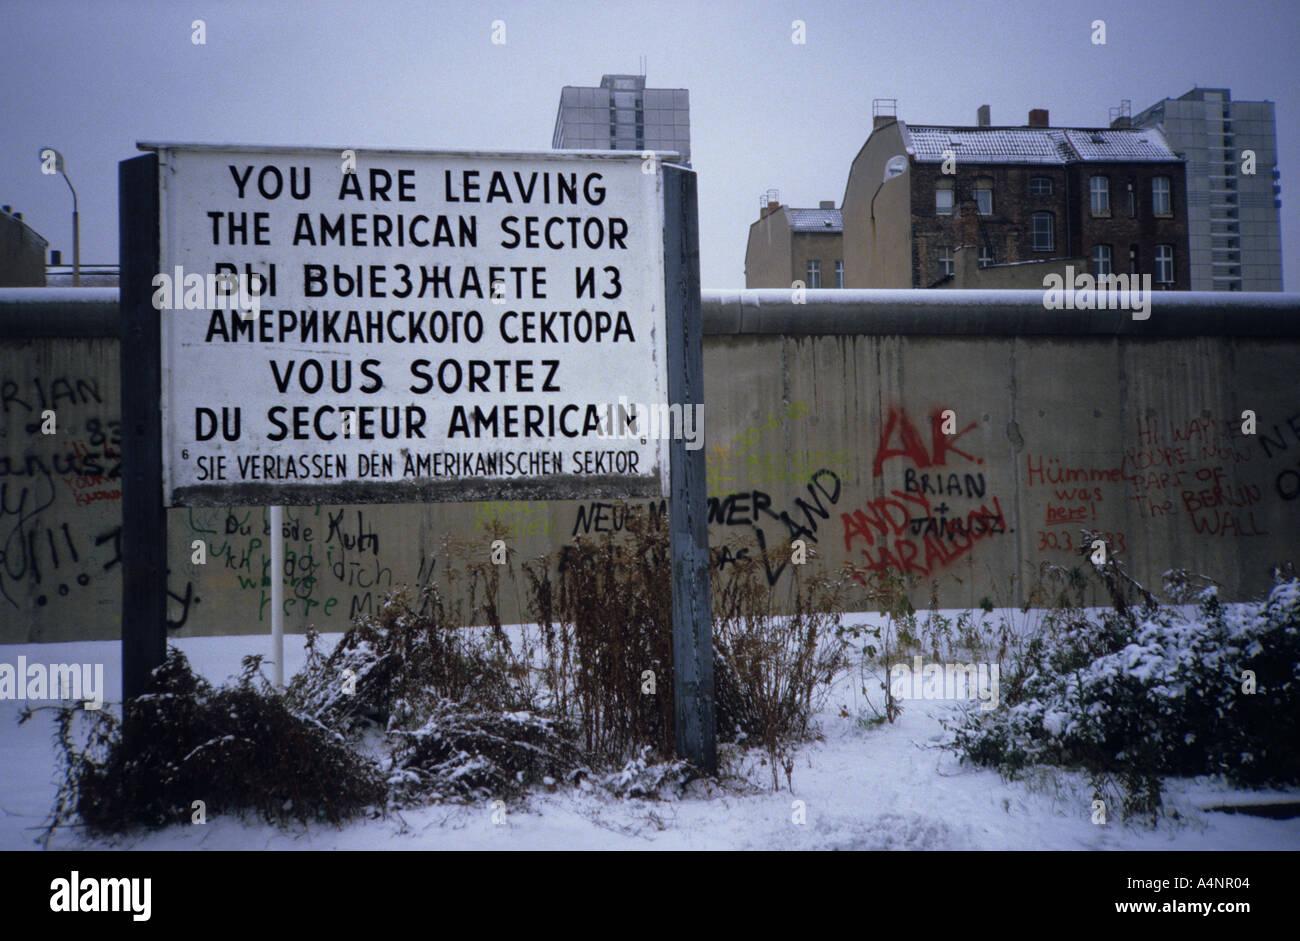 Berliner Mauer im Jahr 1984. Zeichen, dass Sie den amerikanischen Sektor verlassen. Eisernen Vorhangs während des Kalten Krieges Stockbild